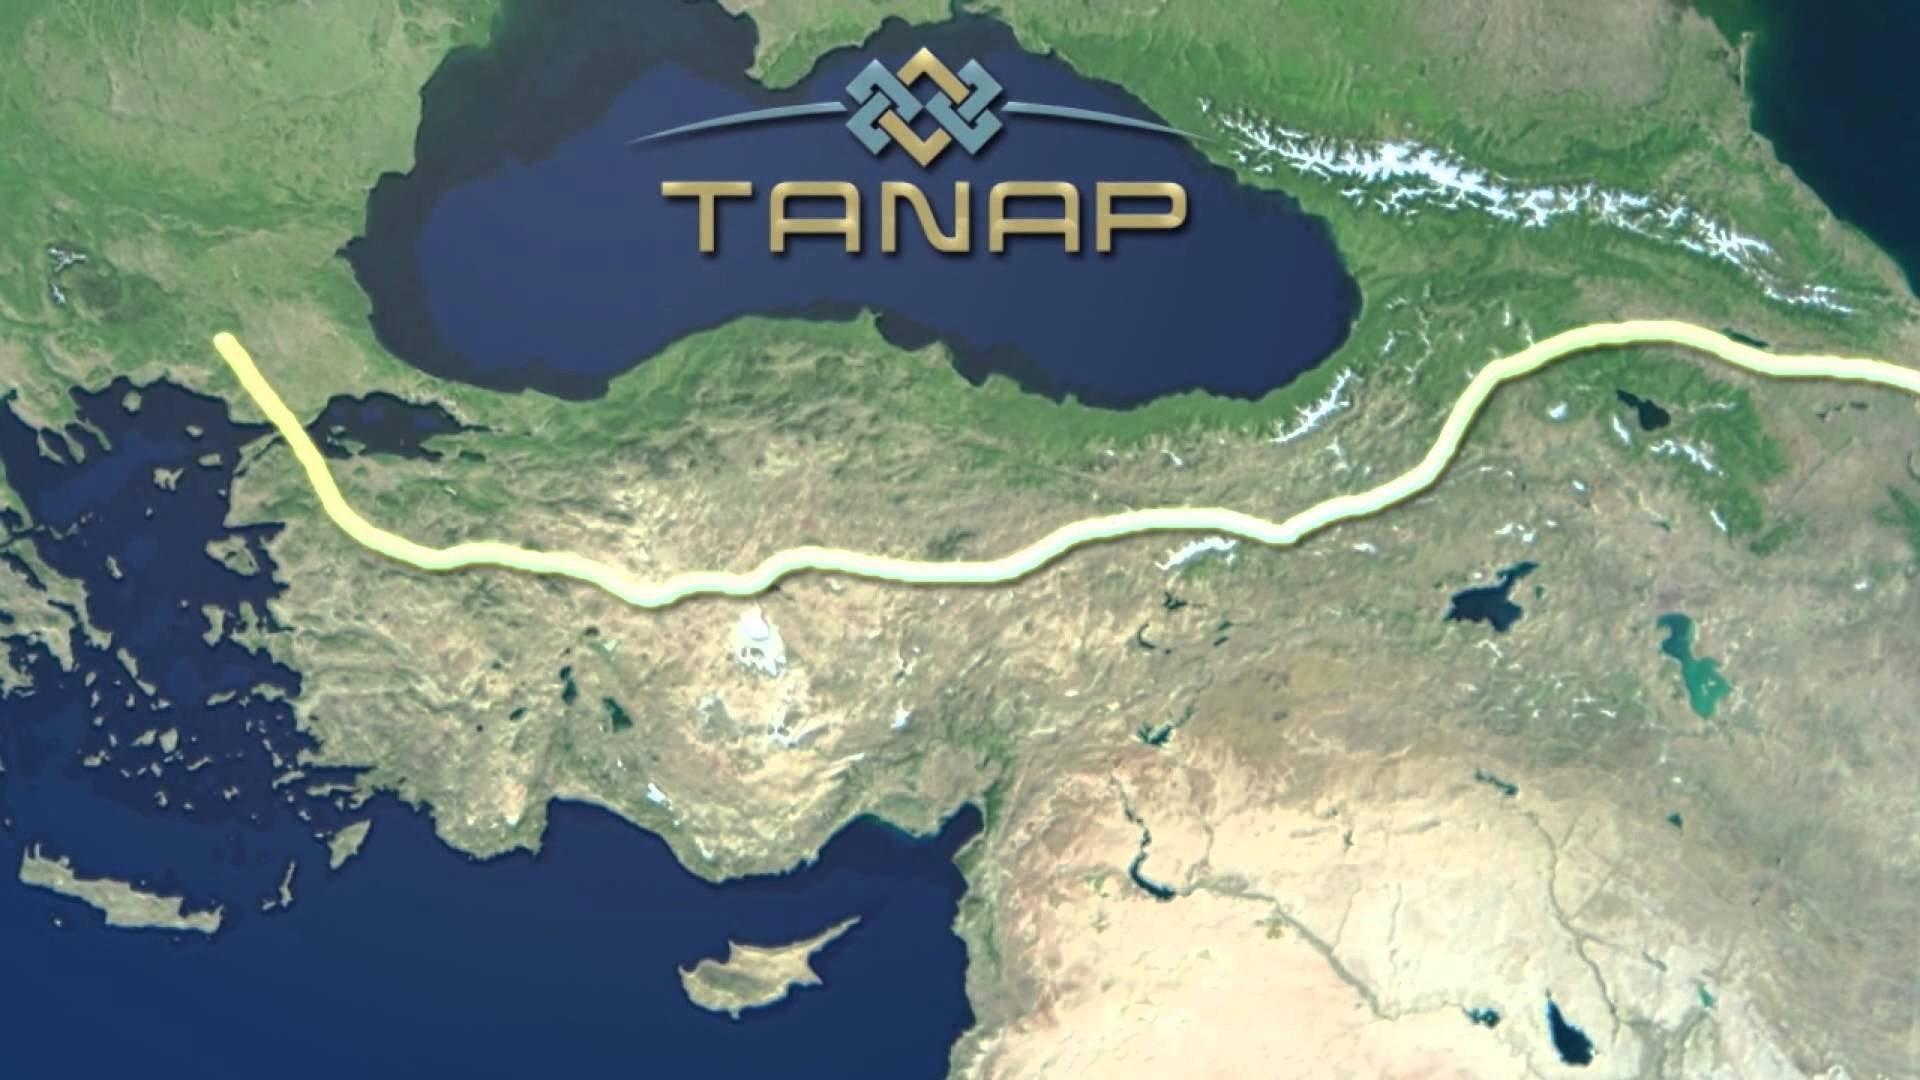 İsrail TANAP-a qoşulur –Qərar danışıqlardan sonra qəbul olunub